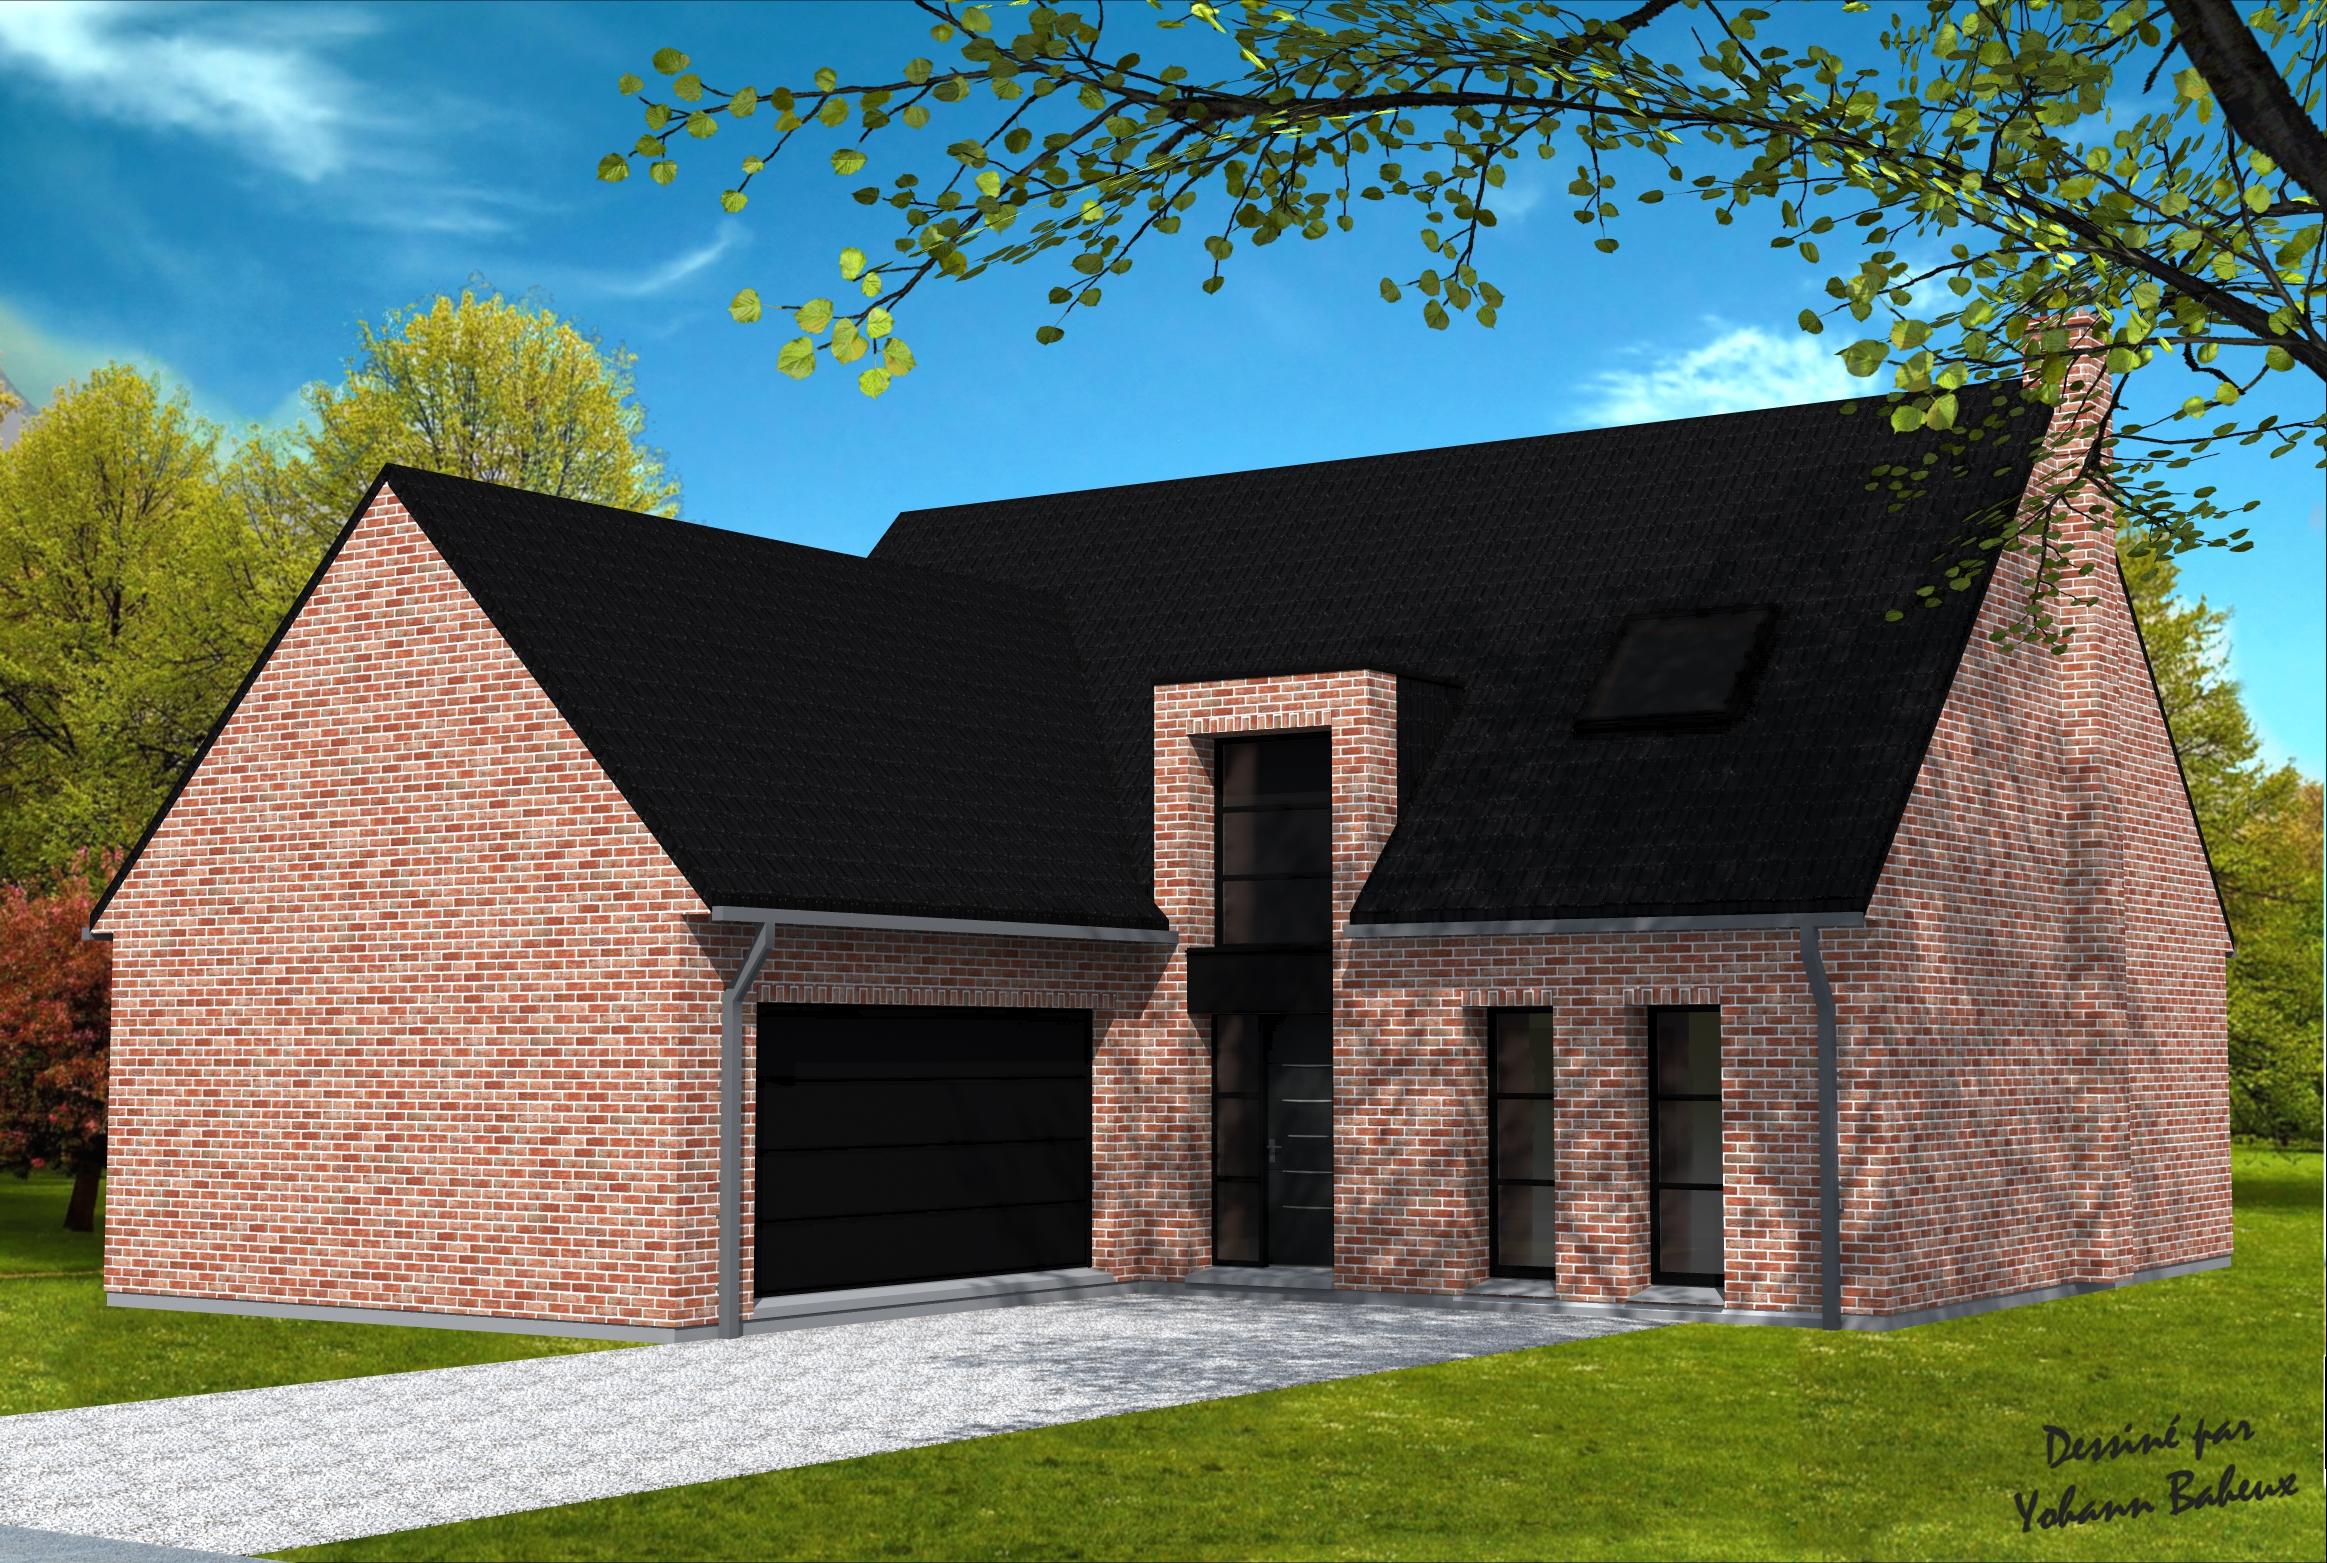 maison avec garage en avanc yohann baheux ma tre d 39 oeuvre permis de construire 59 62. Black Bedroom Furniture Sets. Home Design Ideas